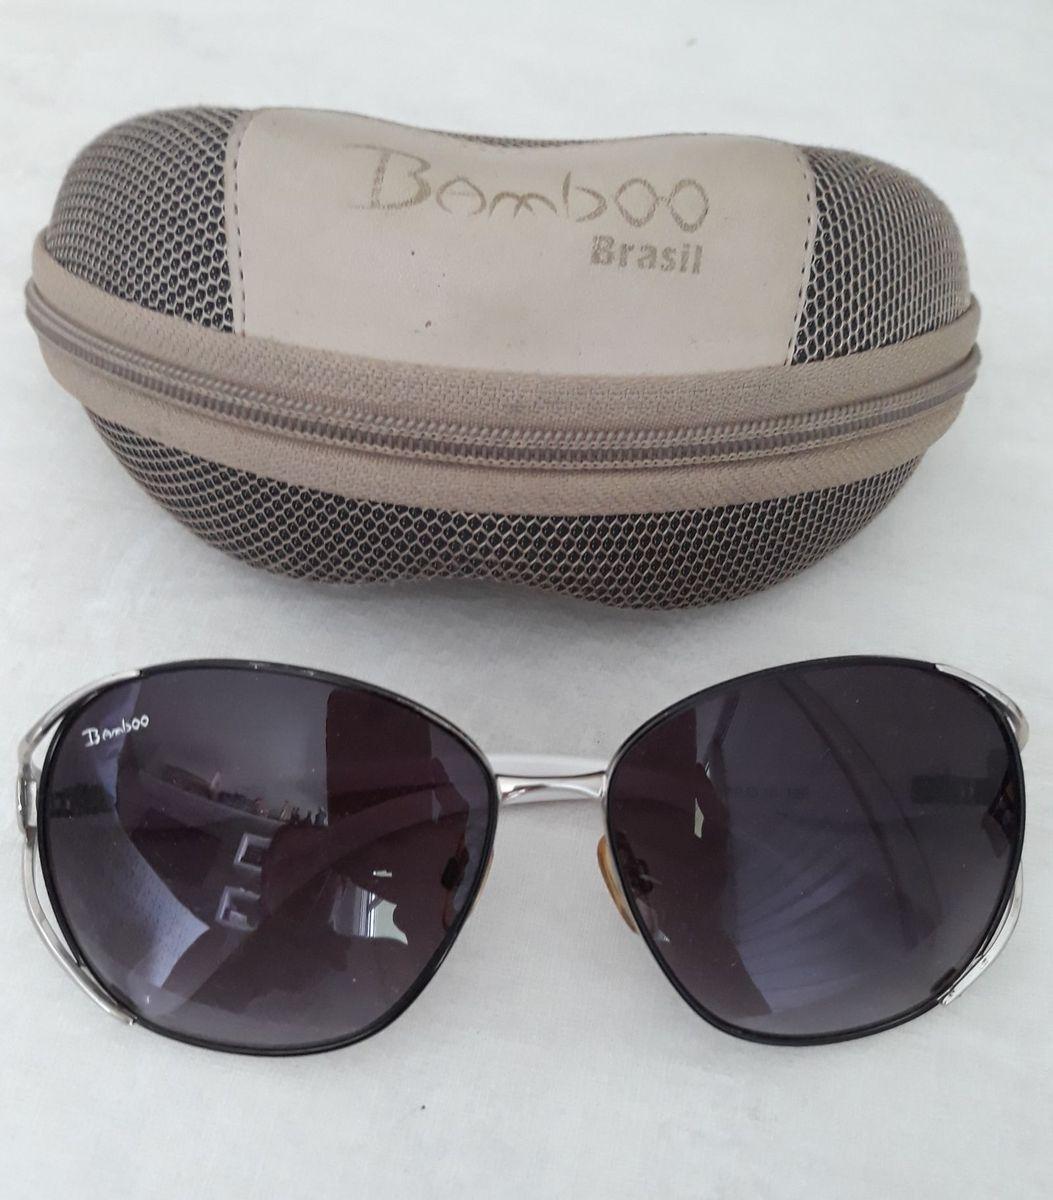 d7d5da28e óculos de sol bamboo - óculos bamboo.  Czm6ly9wag90b3muzw5qb2vplmnvbs5ici9wcm9kdwn0cy83nzu0ntuzlziyymm4yjmxmja1mdrmnzcwm2zhode1nju2ymu2ntmylmpwzw